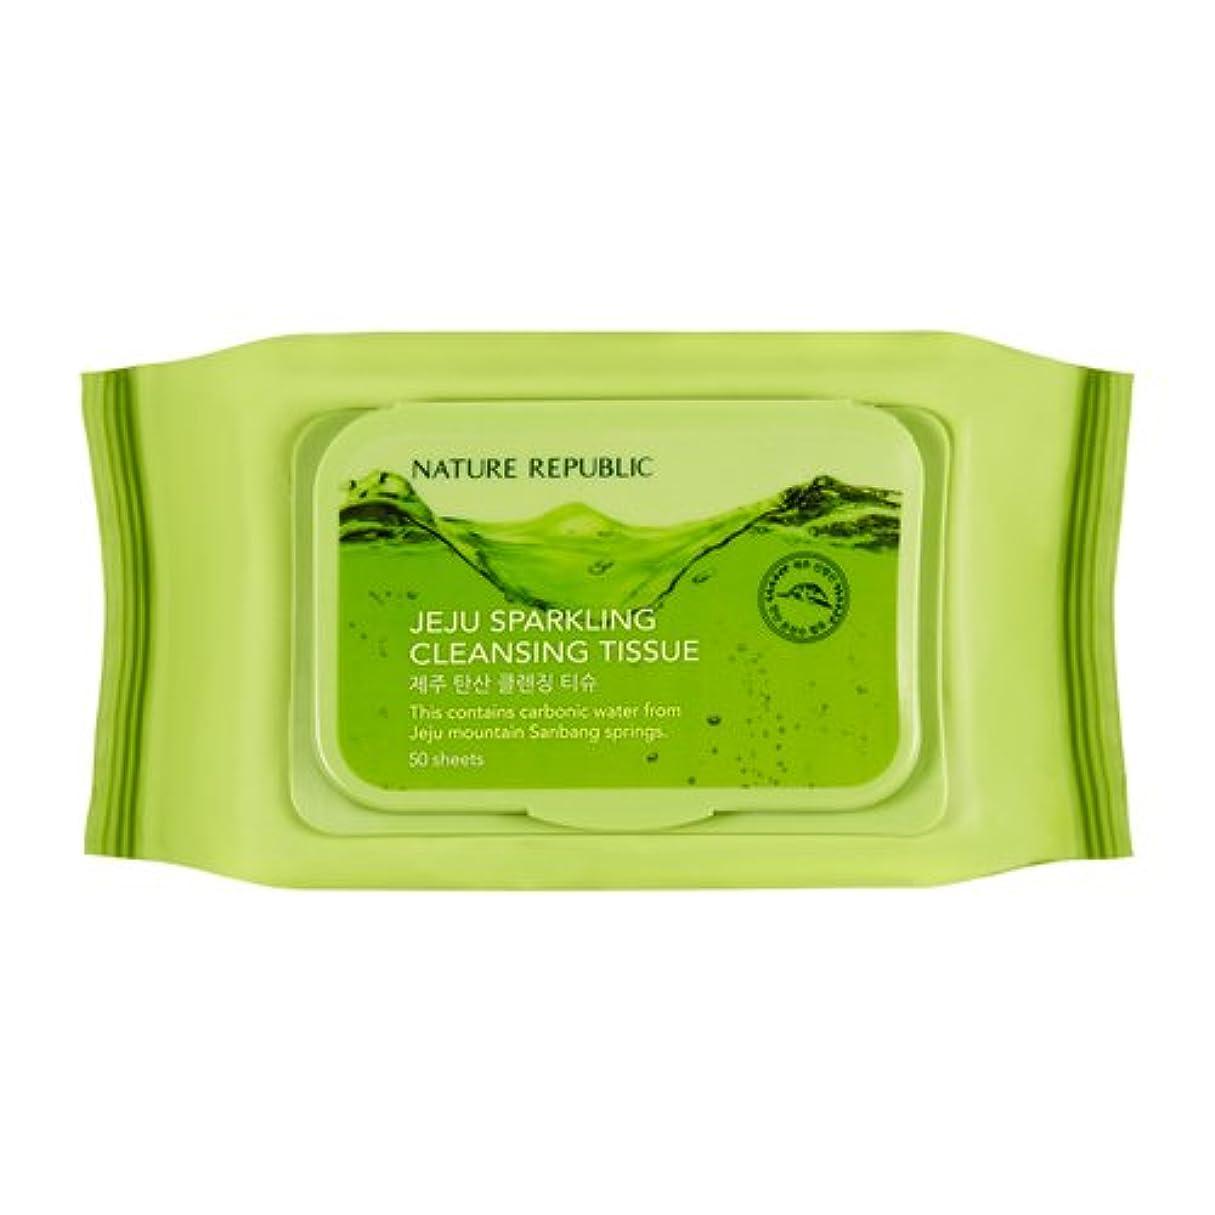 一緒カバレッジ喉頭Nature Republic Jeju Sparkling Cleansing Tissue 50sheets / ネイチャーリパブリック 済州炭酸クレンジングティッシュ50枚 [並行輸入品]